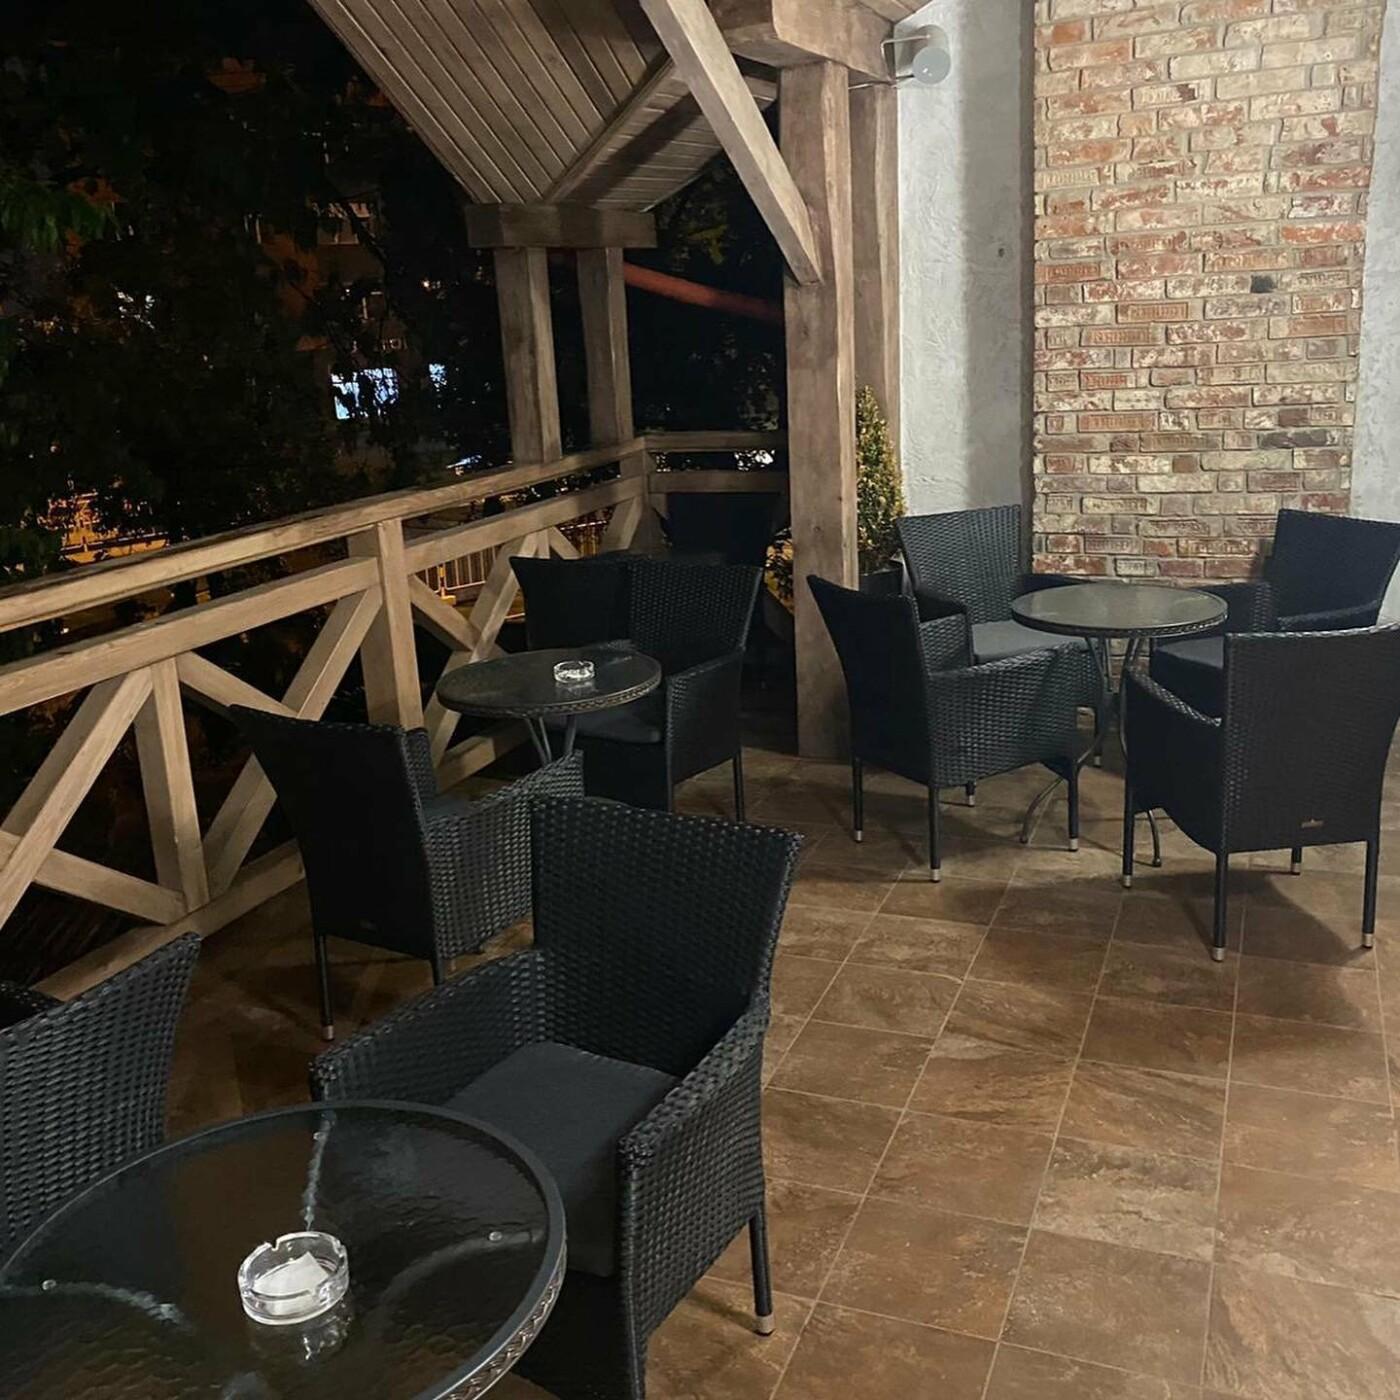 Ресторани та кафе Львова з літніми терасами та майданчиками, фото-20